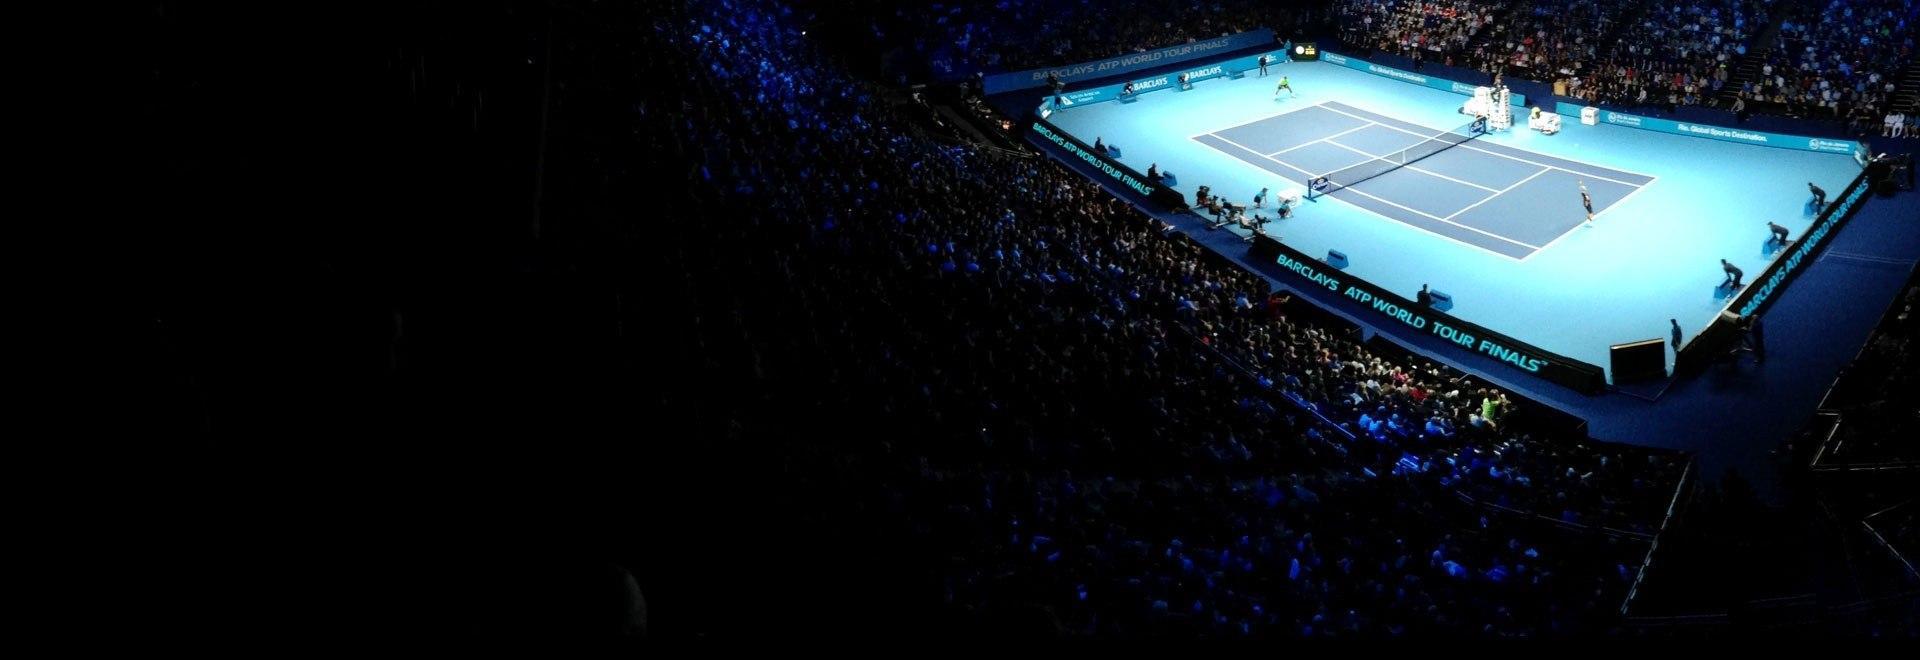 ATP Finals 2012